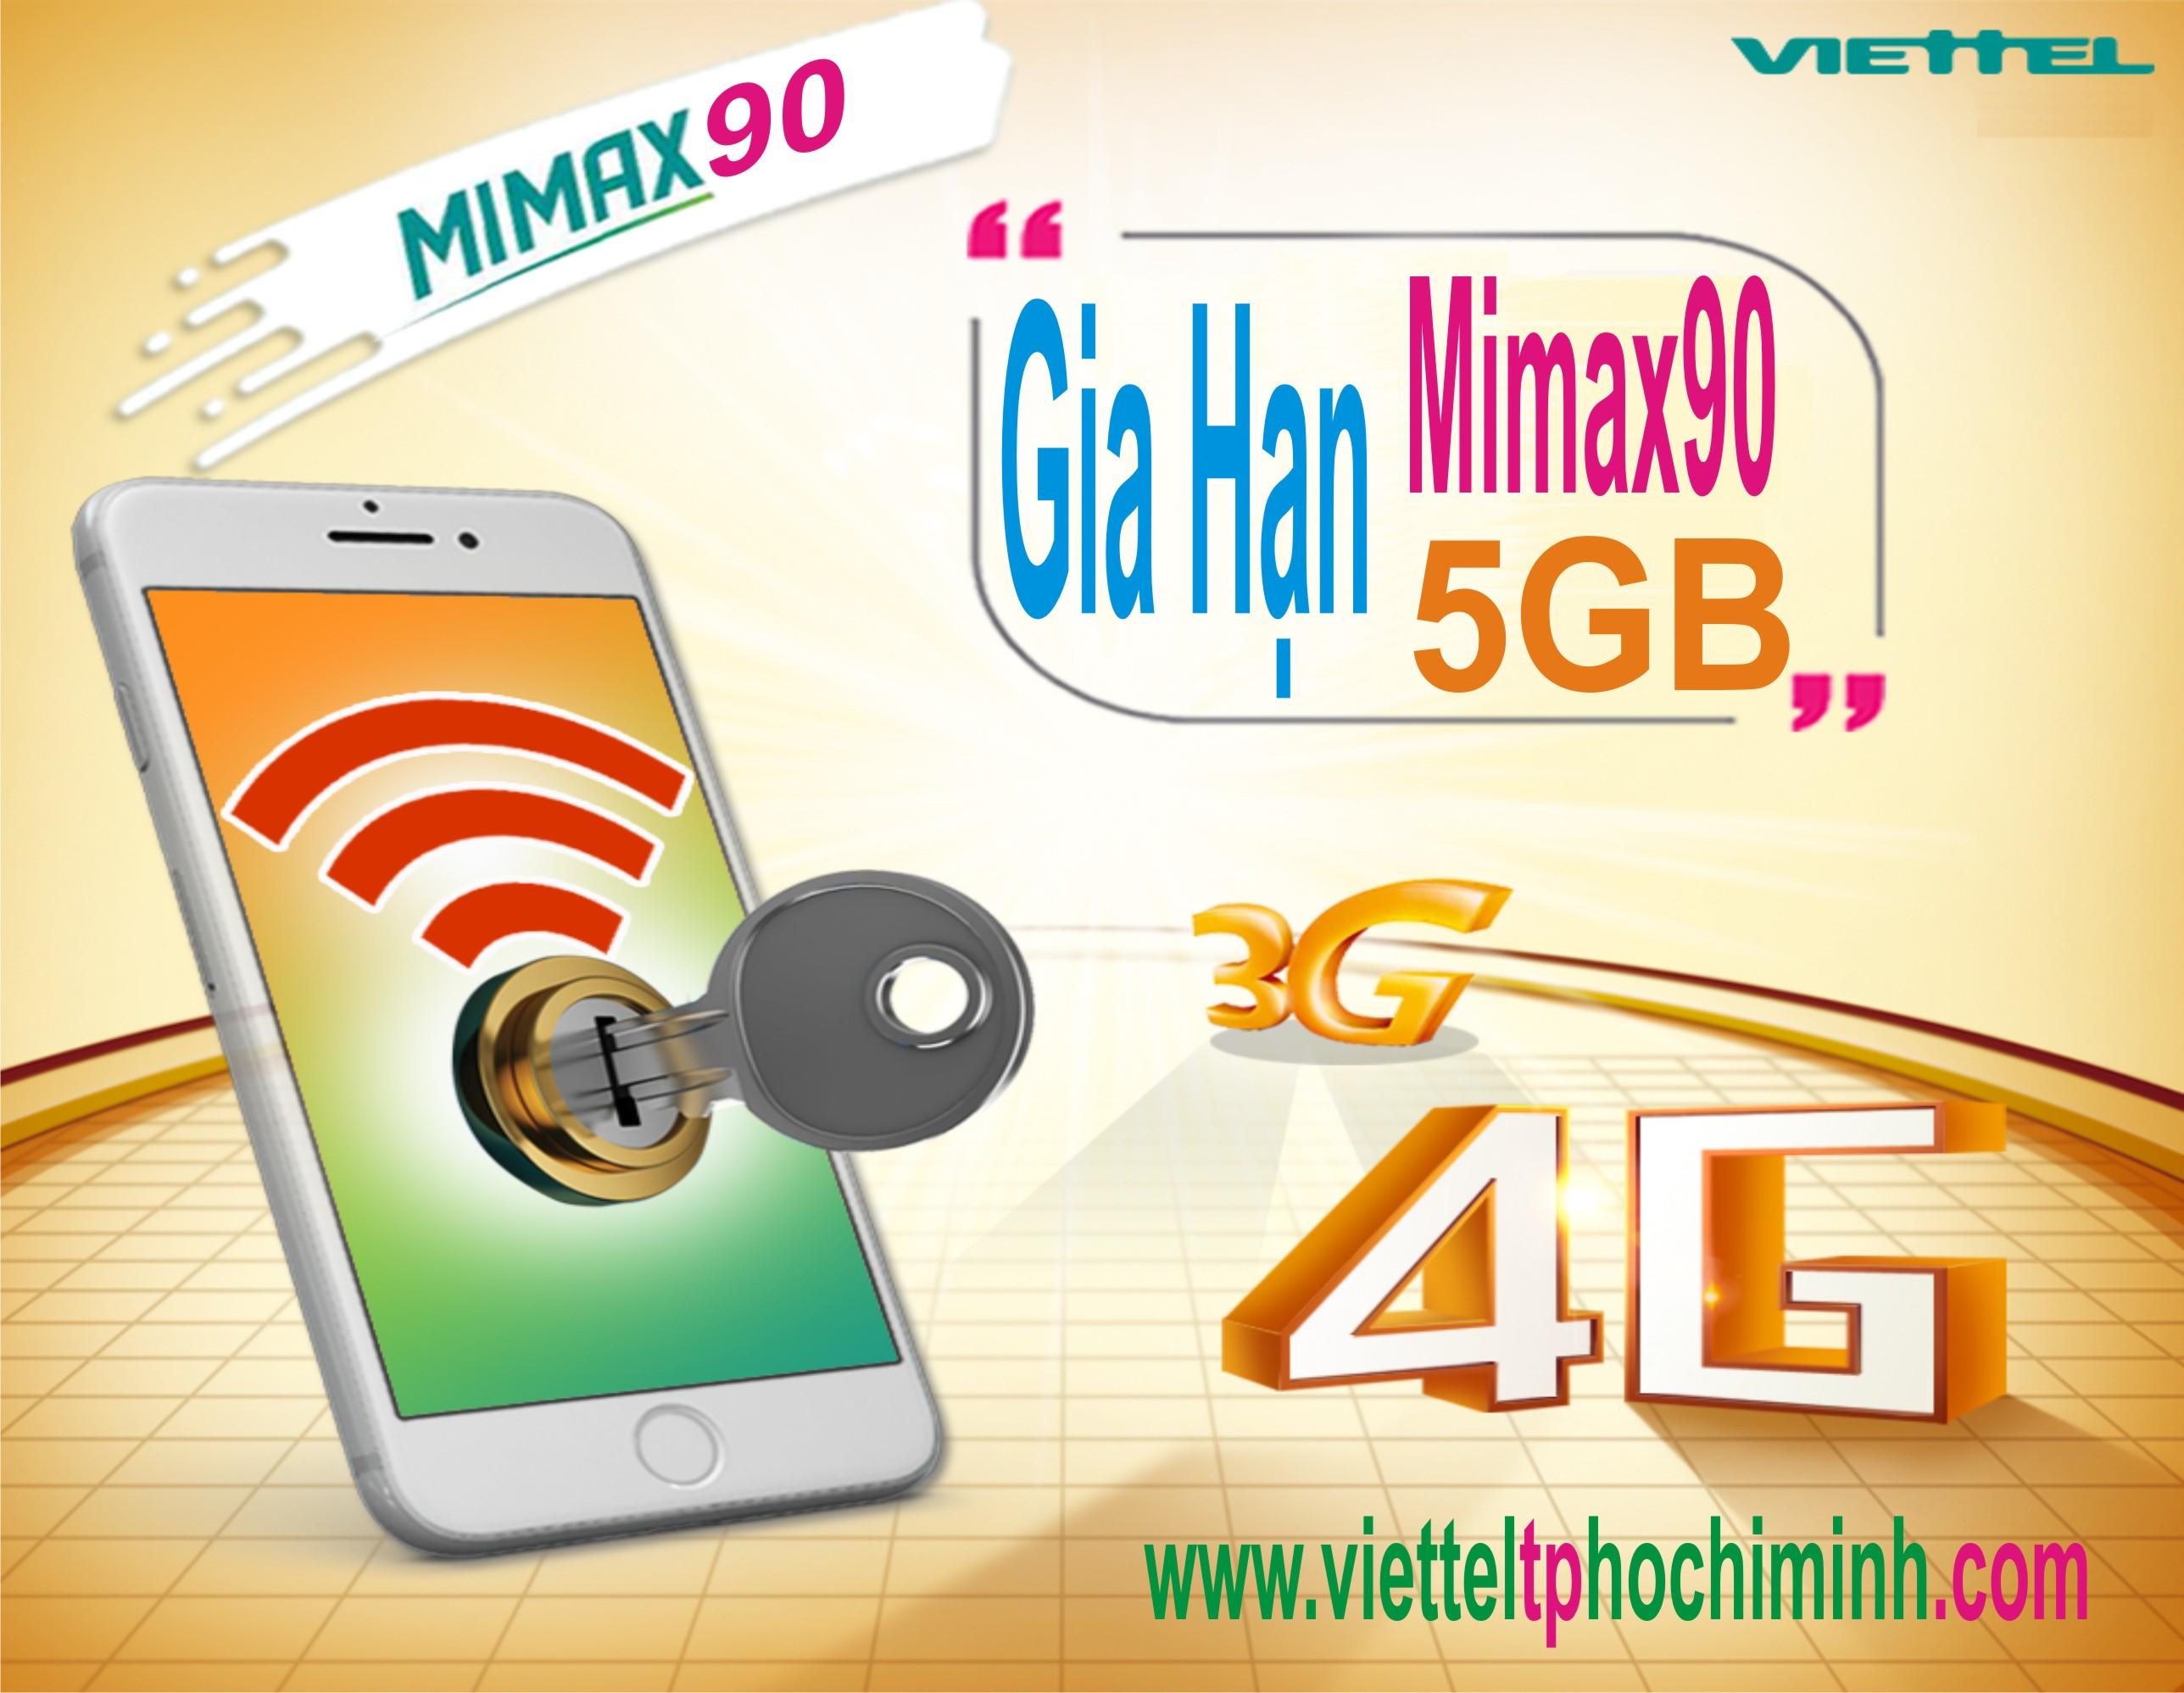 GIA HẠN gói Mimax90 VIETTEL có ngay 5GB Data chỉ với 90 000đ